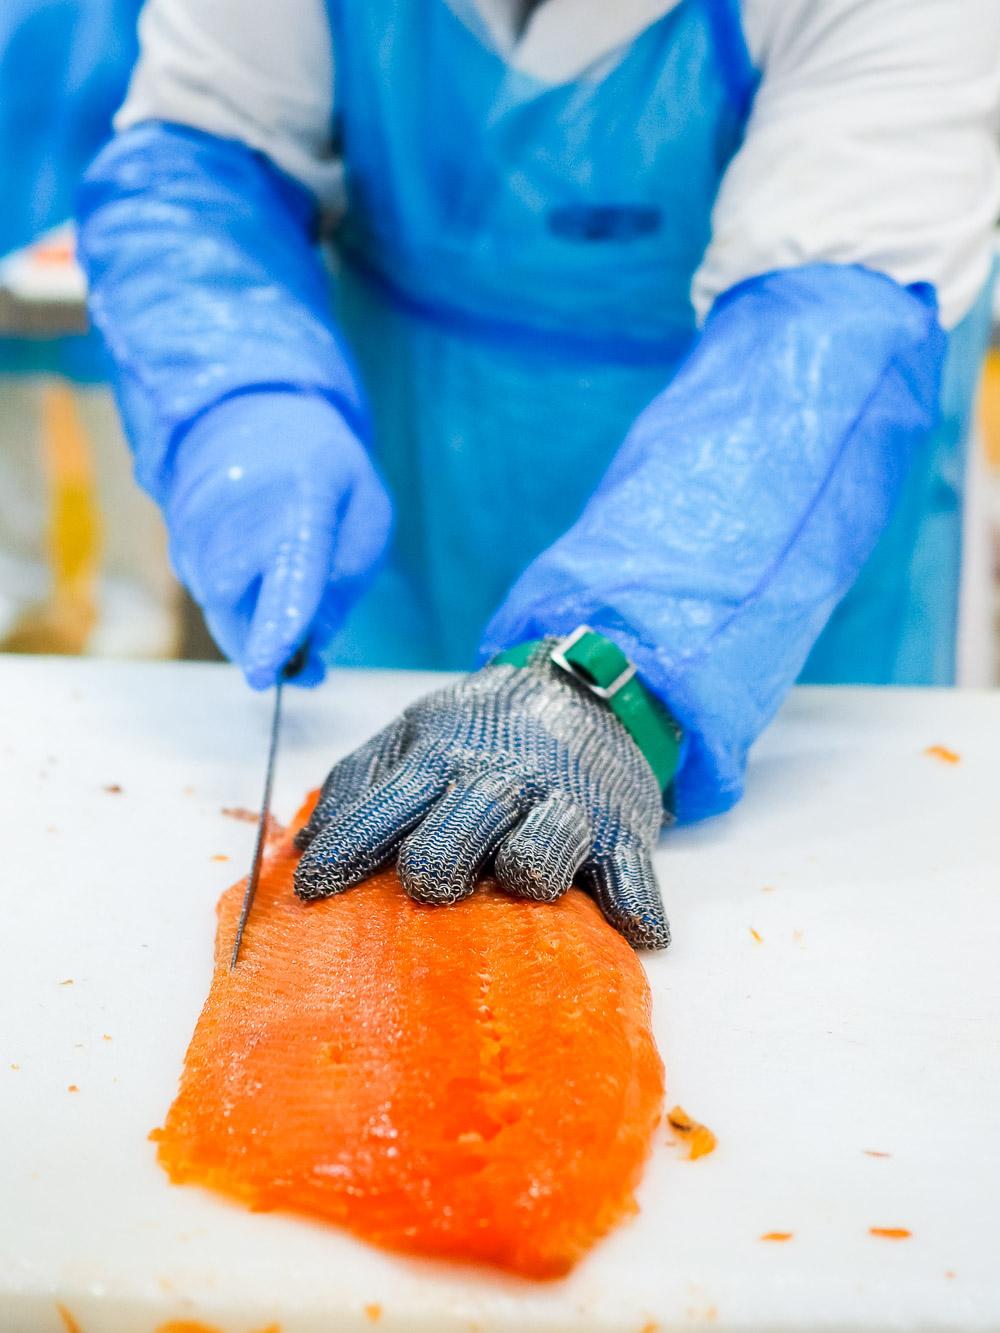 Friedrichs Feinfisch Manufaktur Herstellung und Veredelung von Alaska-Wildlachs |GourmetGuerilla.de